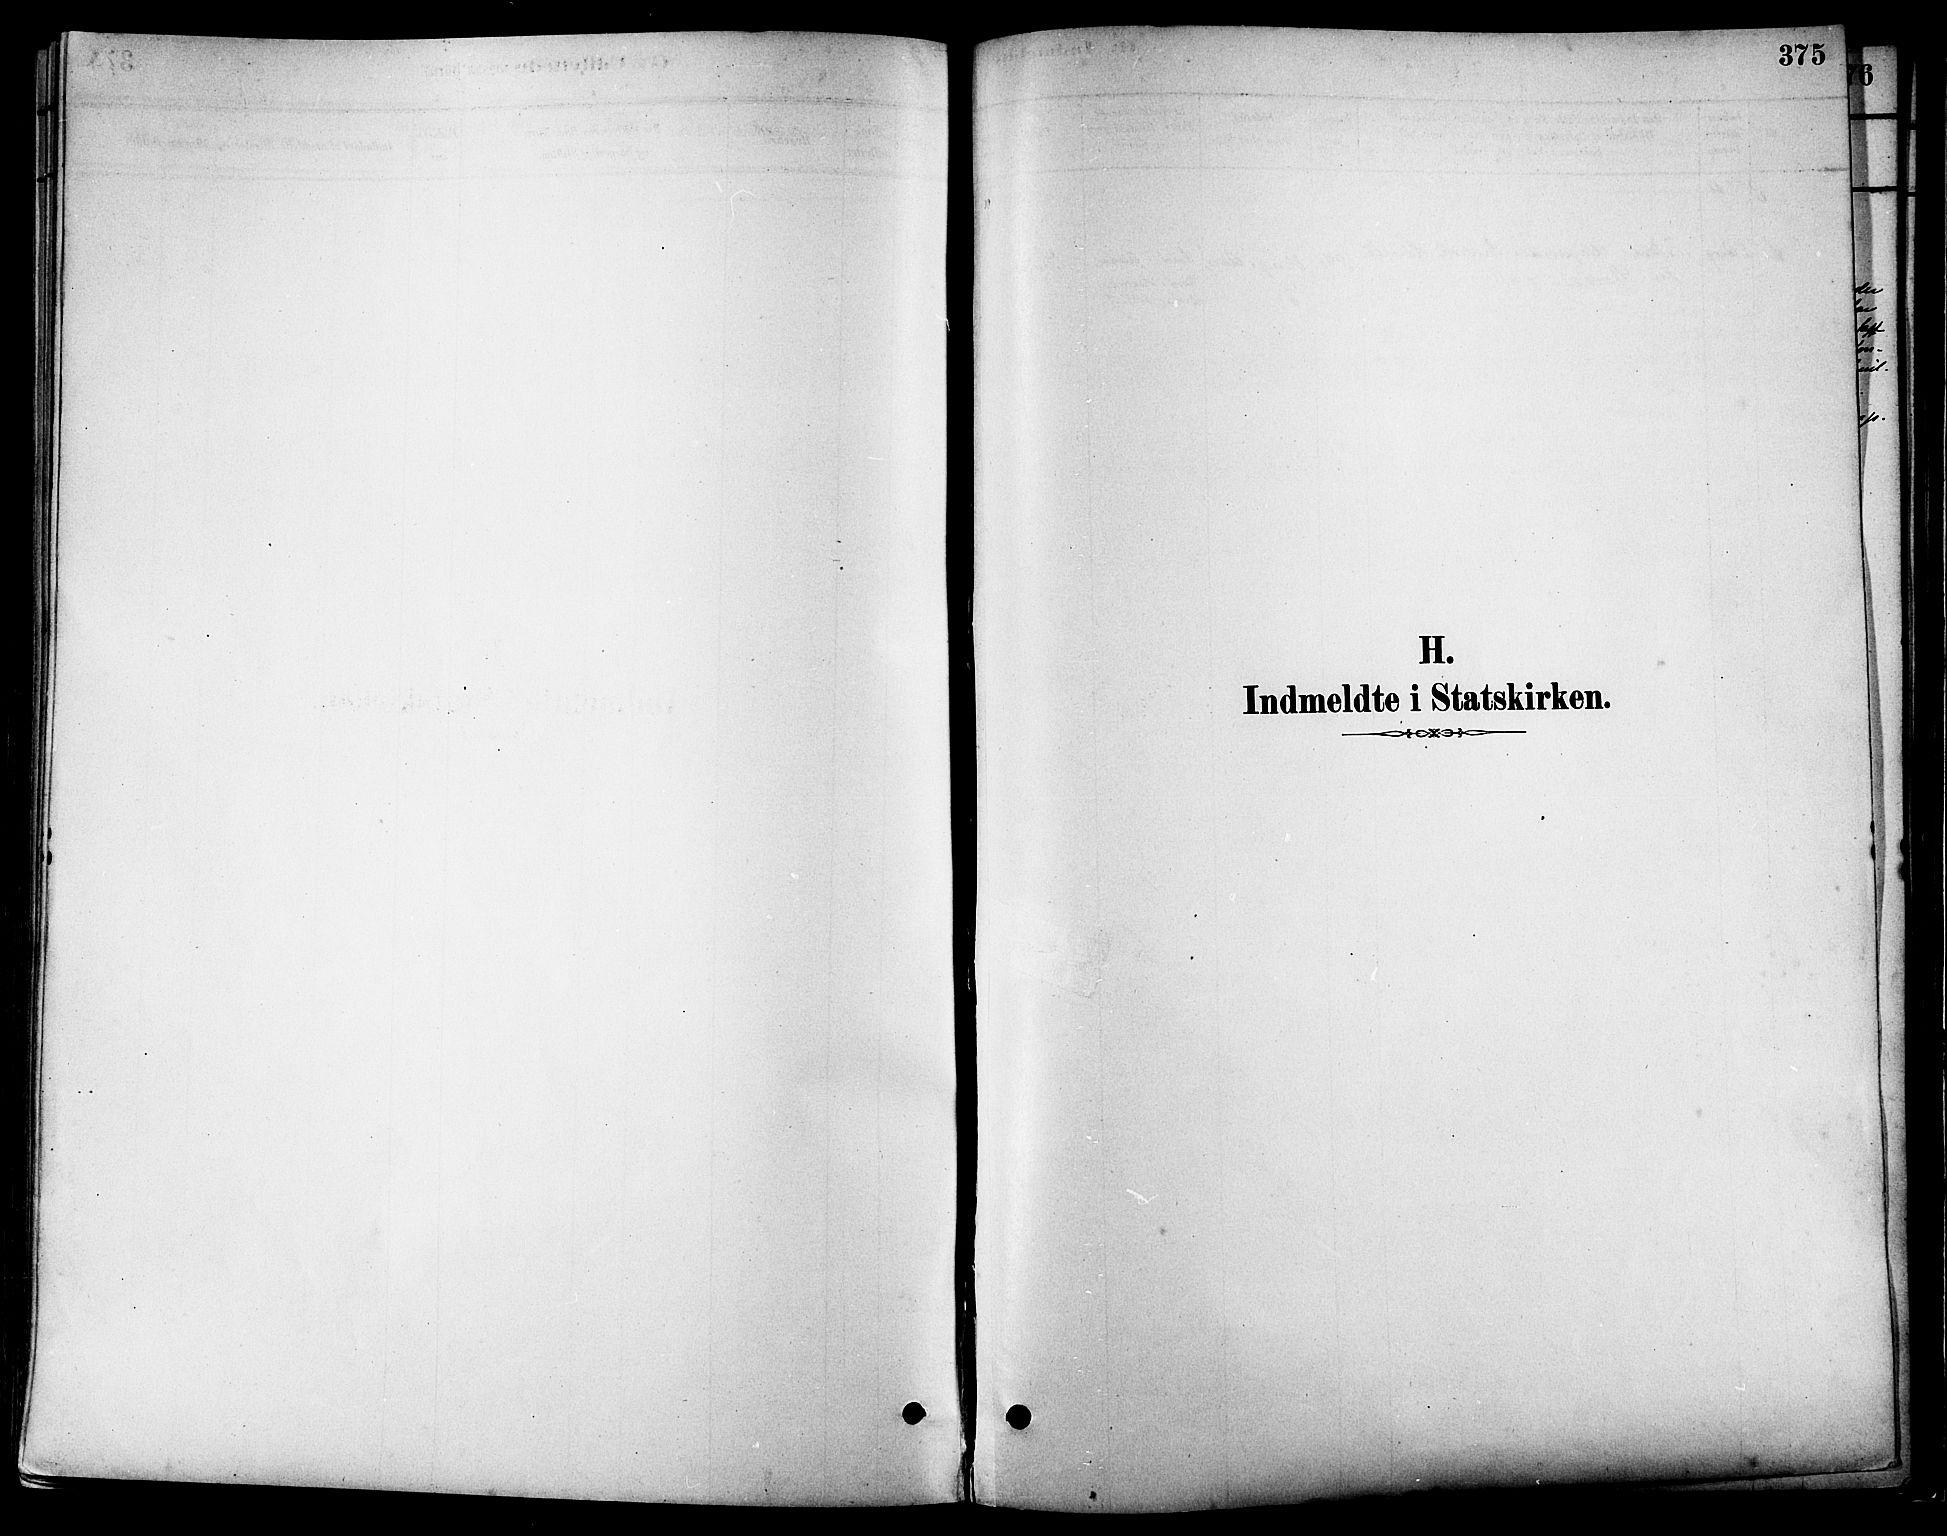 SAT, Ministerialprotokoller, klokkerbøker og fødselsregistre - Sør-Trøndelag, 630/L0496: Ministerialbok nr. 630A09, 1879-1895, s. 375